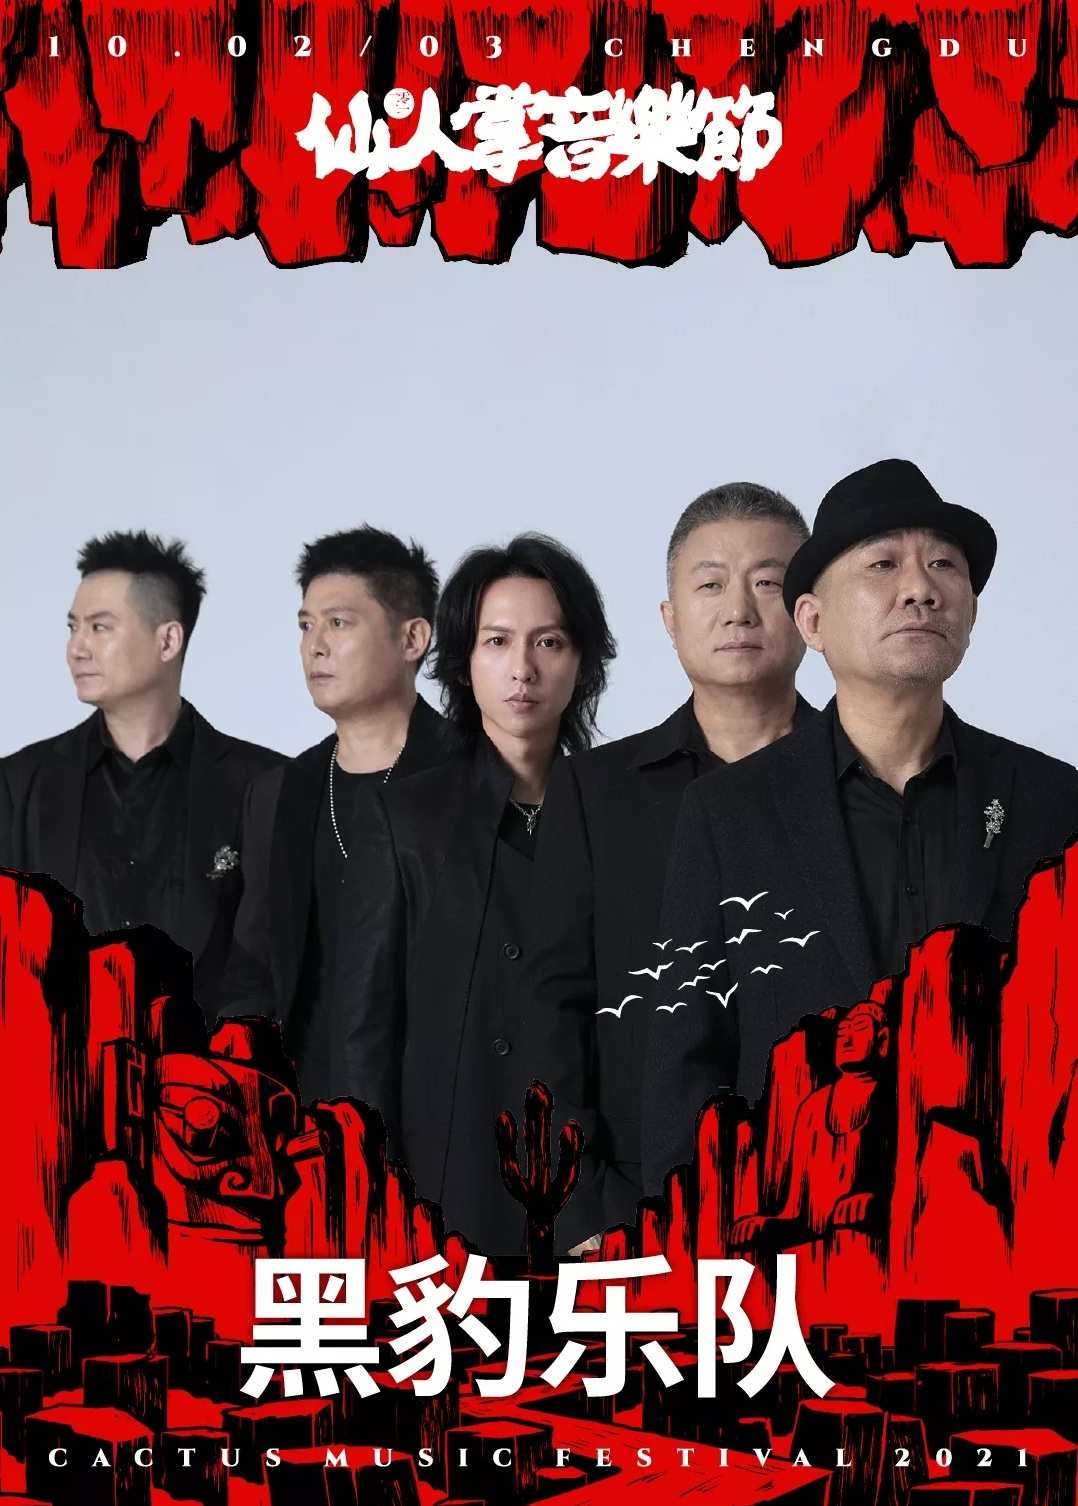 2021成都仙人掌音乐节